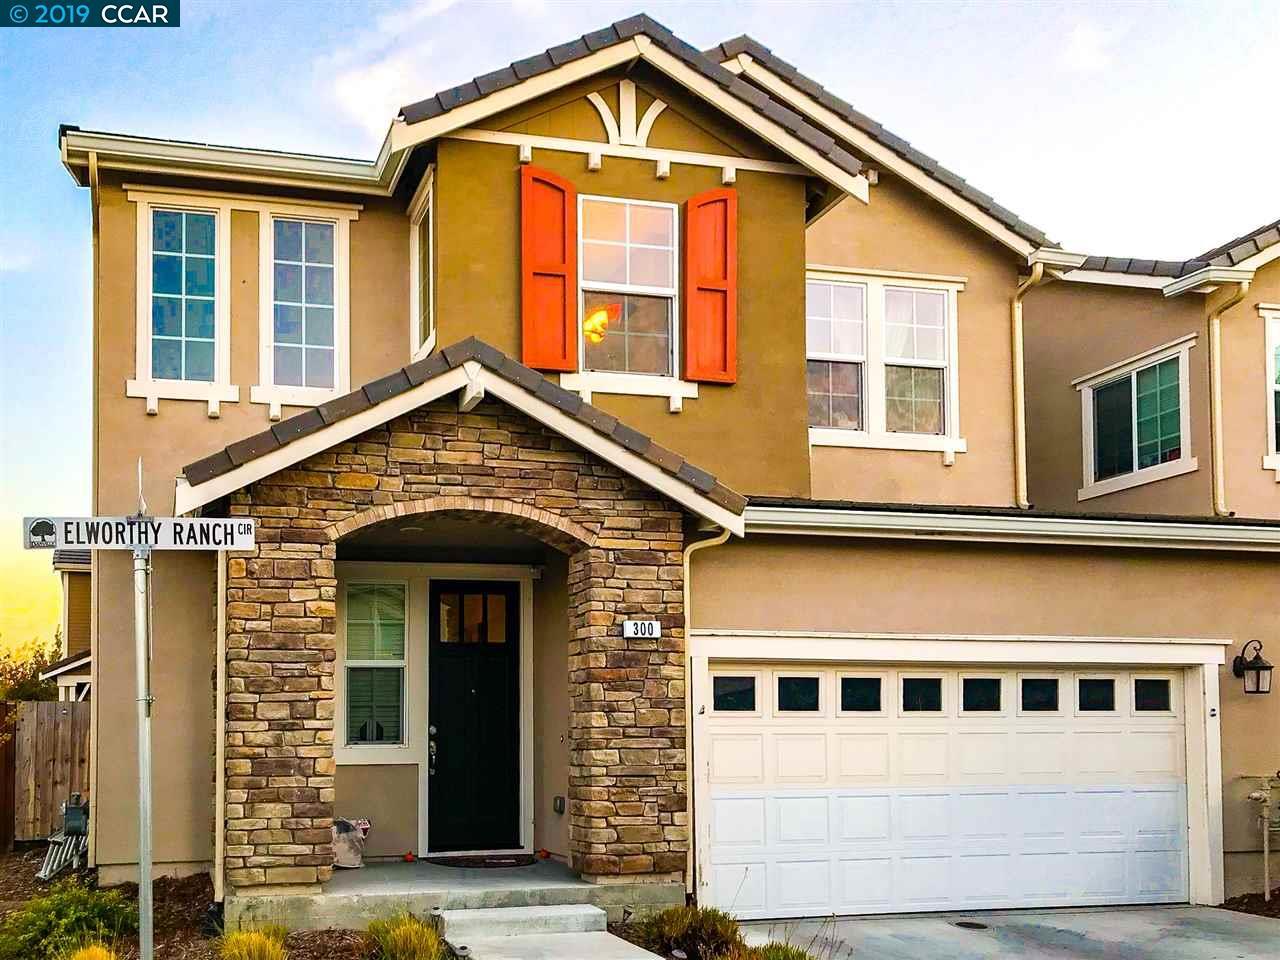 300 Elworthy Ranch Cir Danville, CA 94526